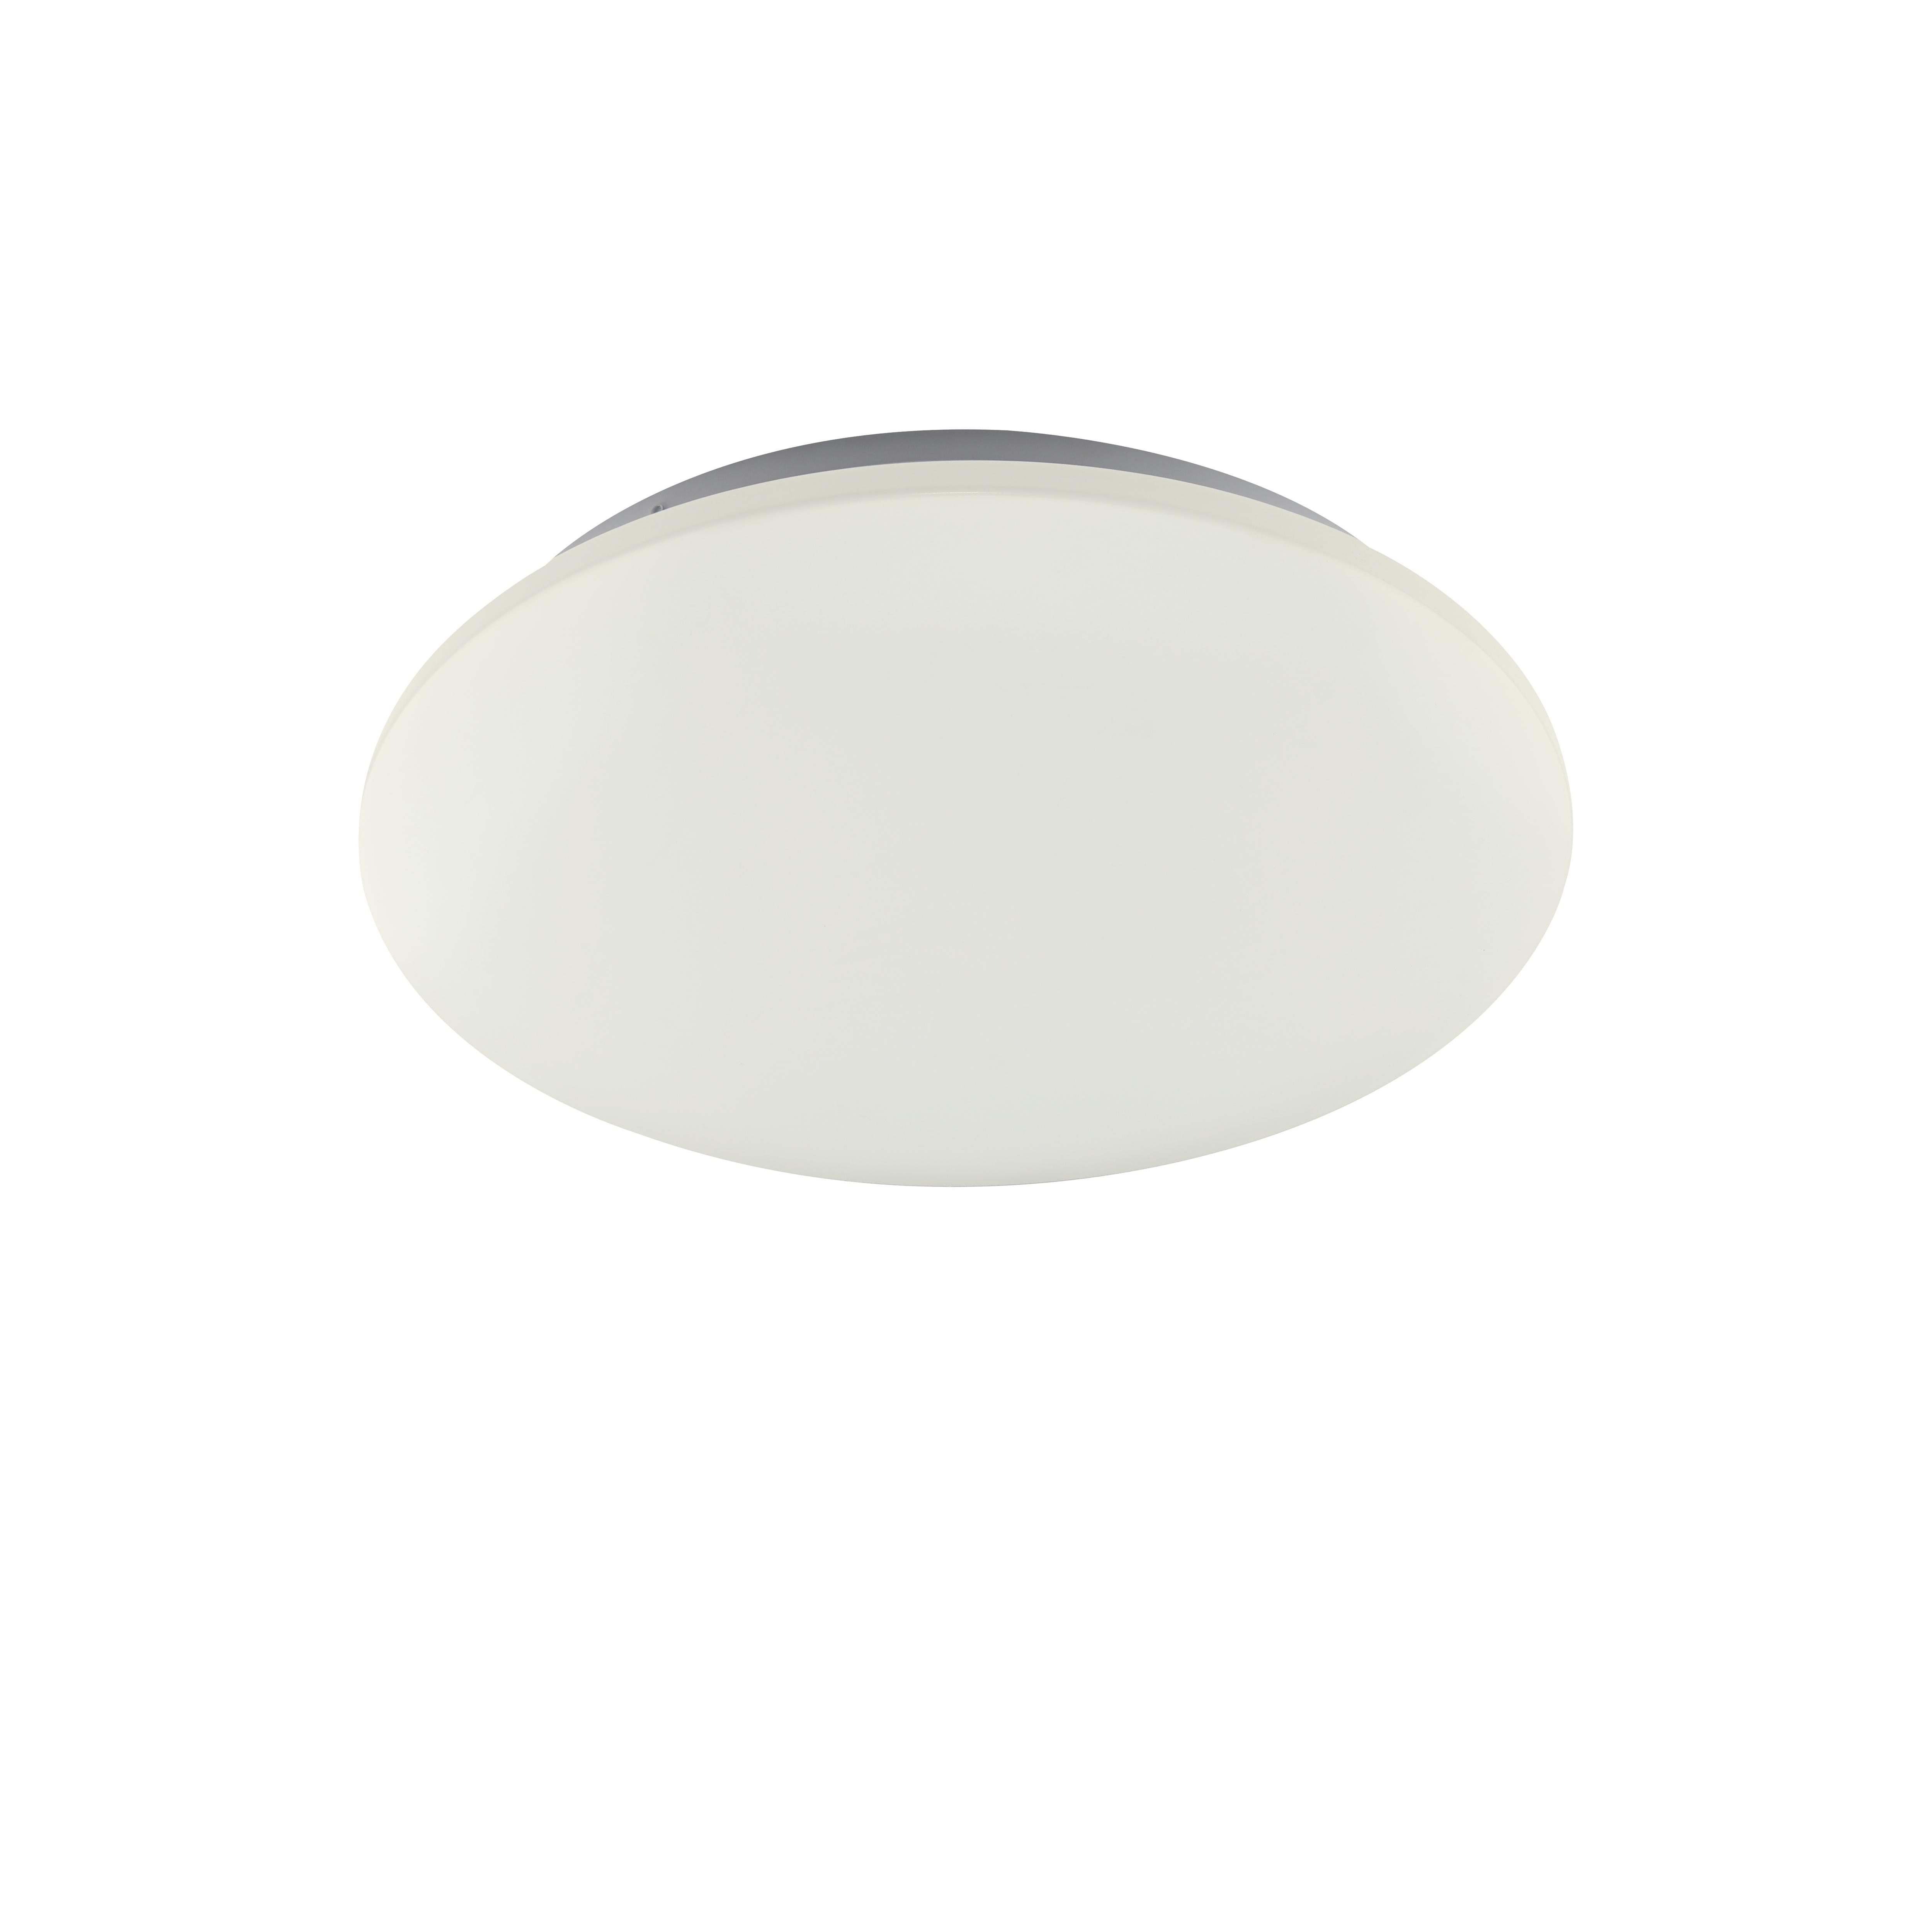 Потолочный светильник Mantra Zero 5944, белый, металл, пластик - фото 1